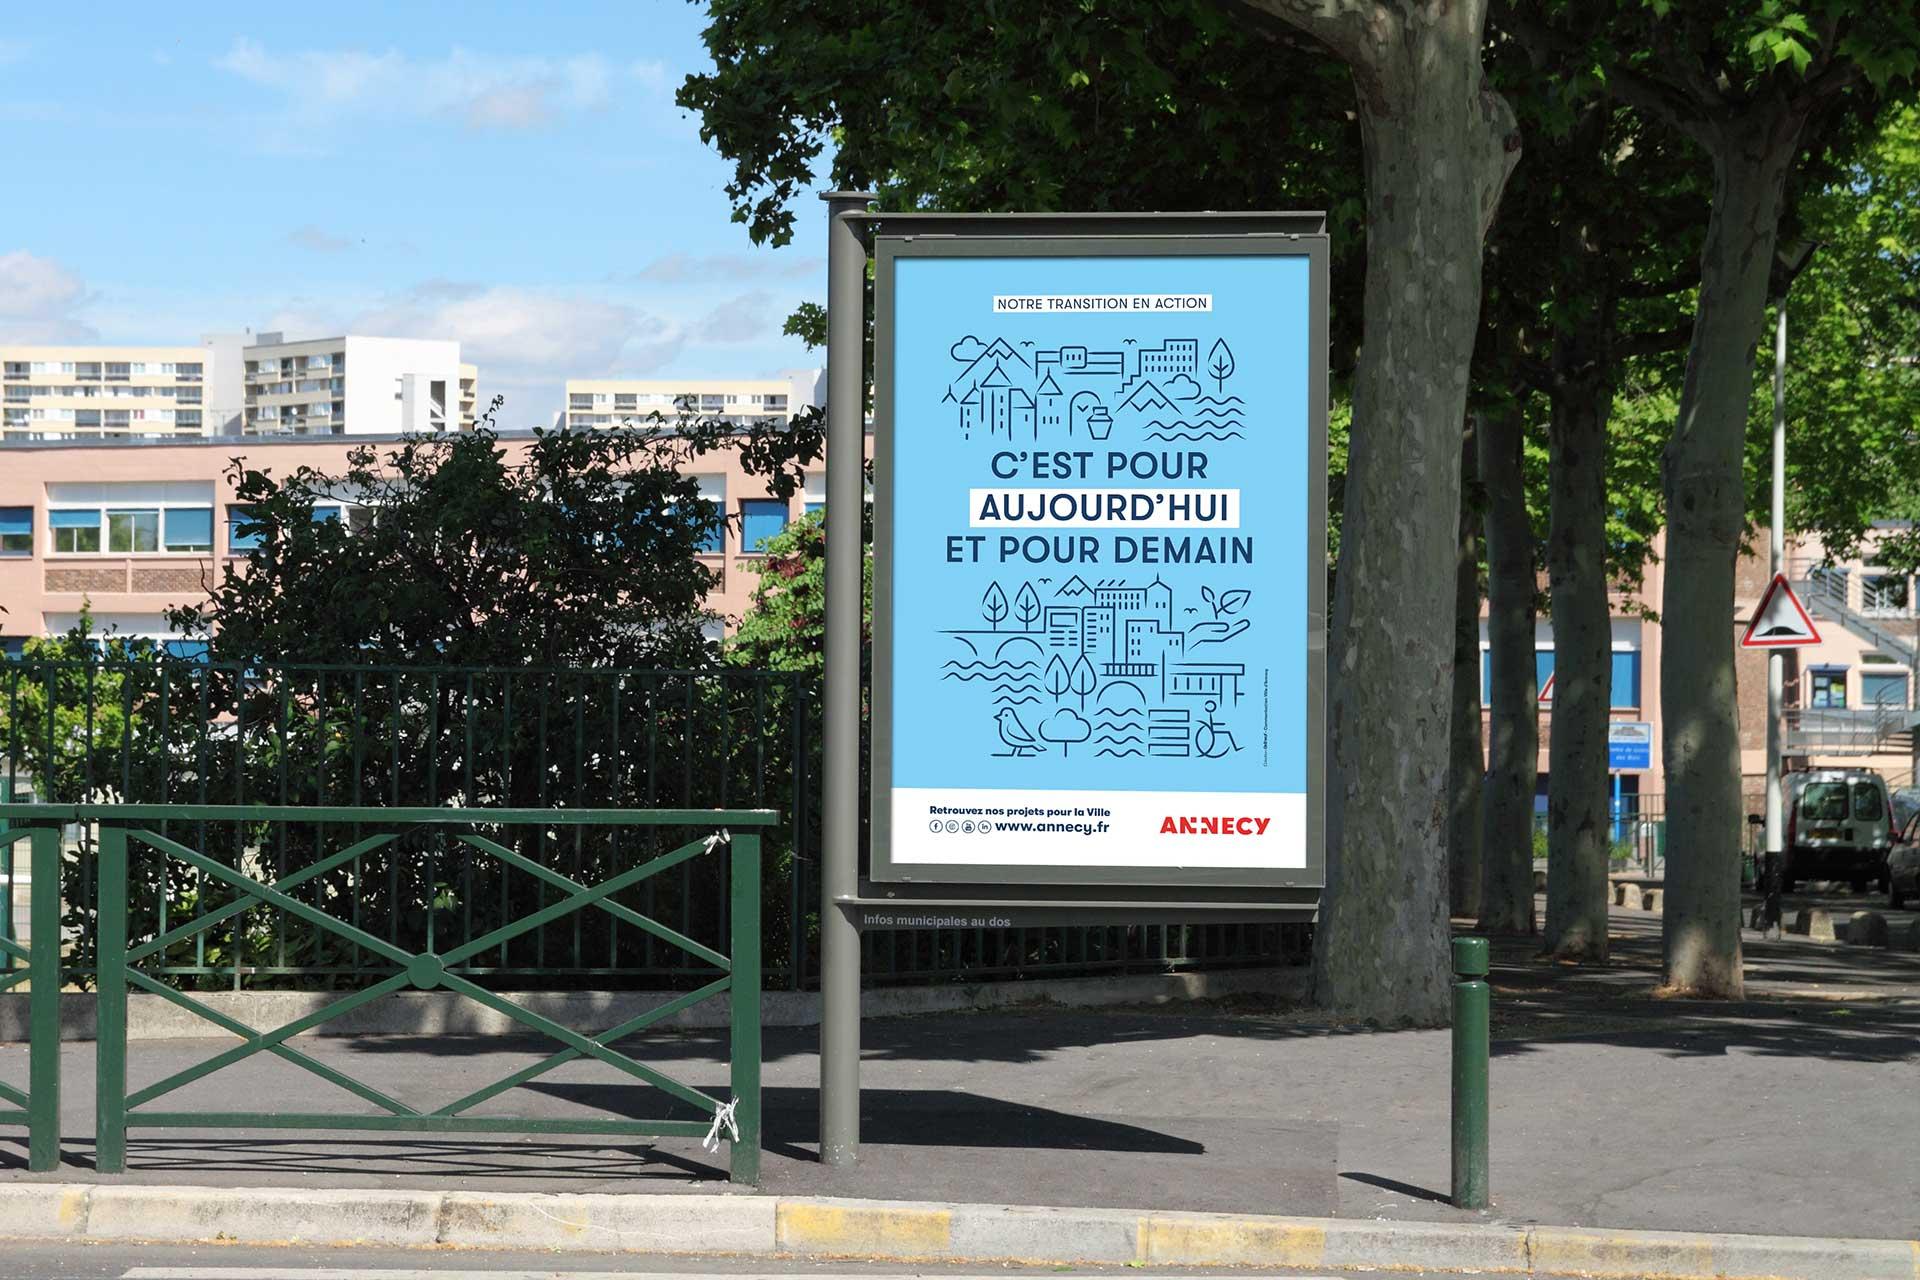 Affiche écologie dans la ville